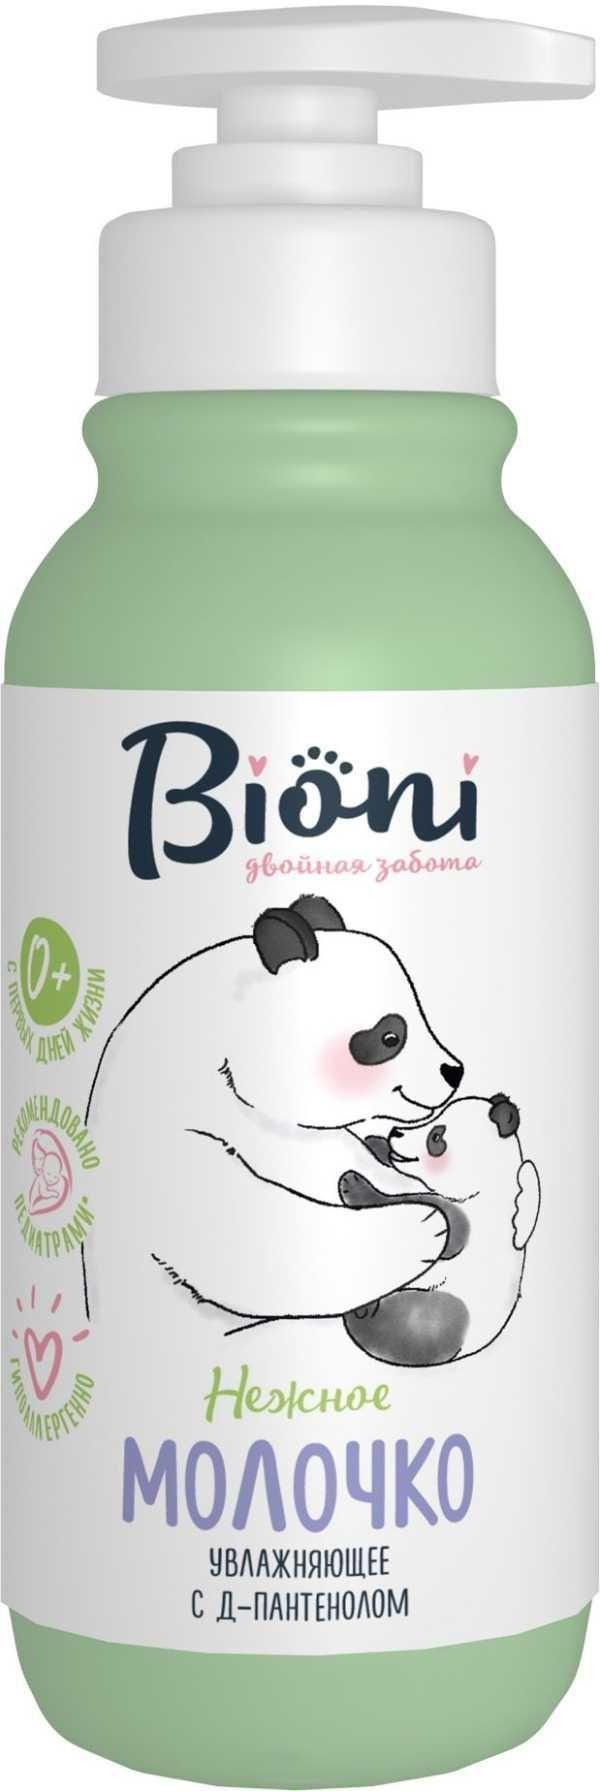 фото упаковки Bioni Детское увлажняющее молочко